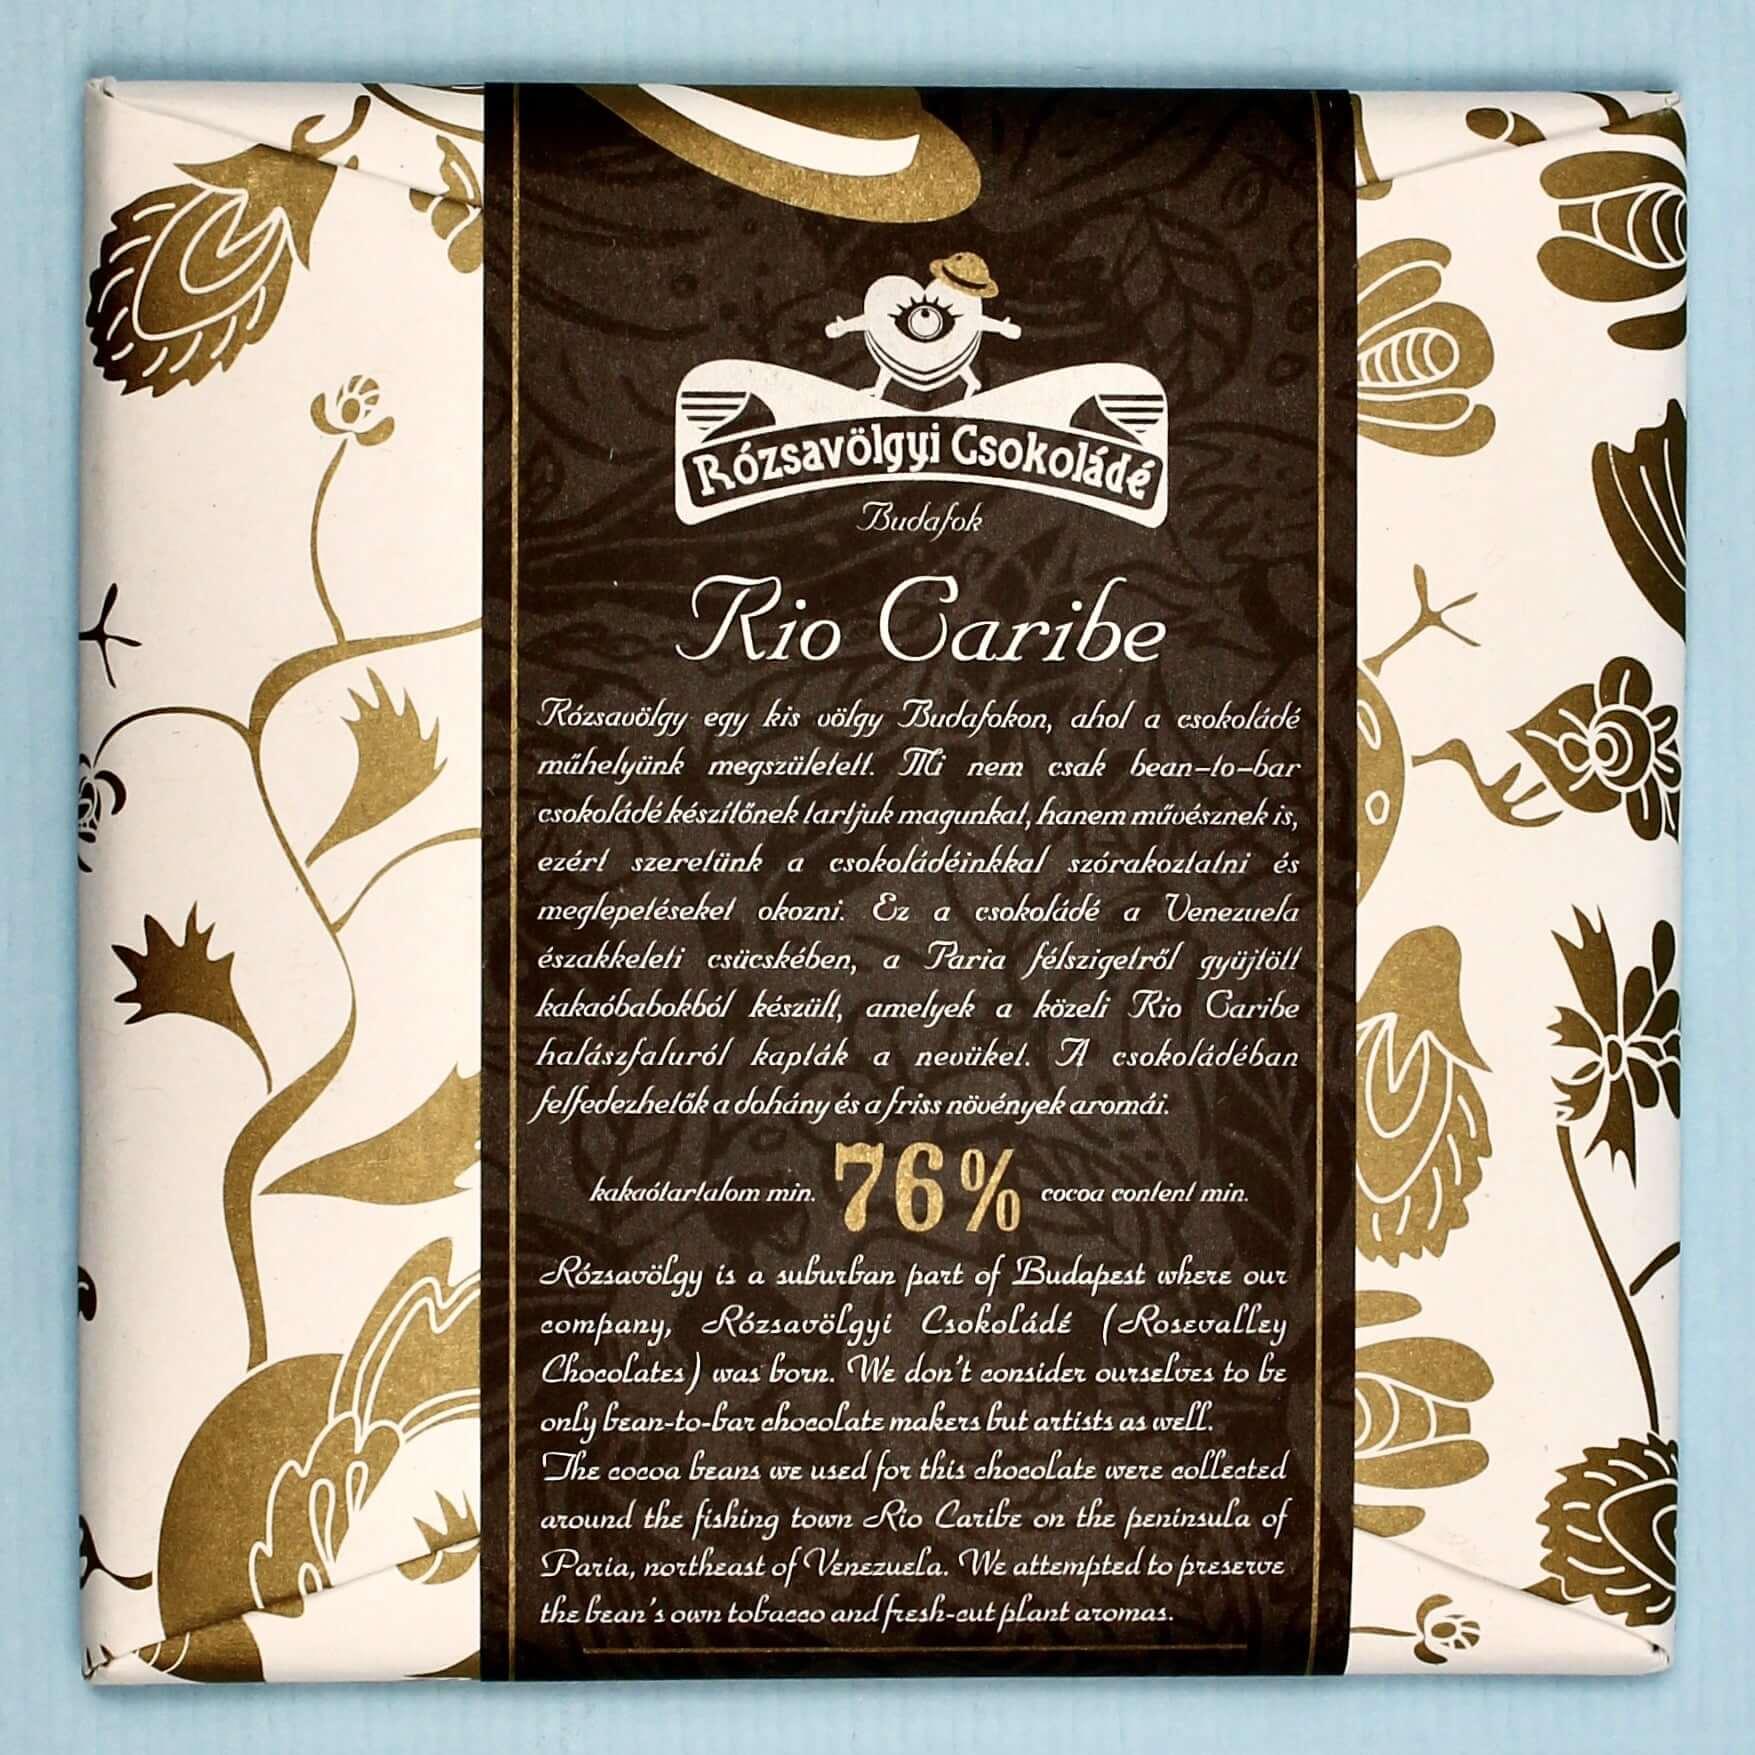 rozsavolgyi csokolade rio caribe 76